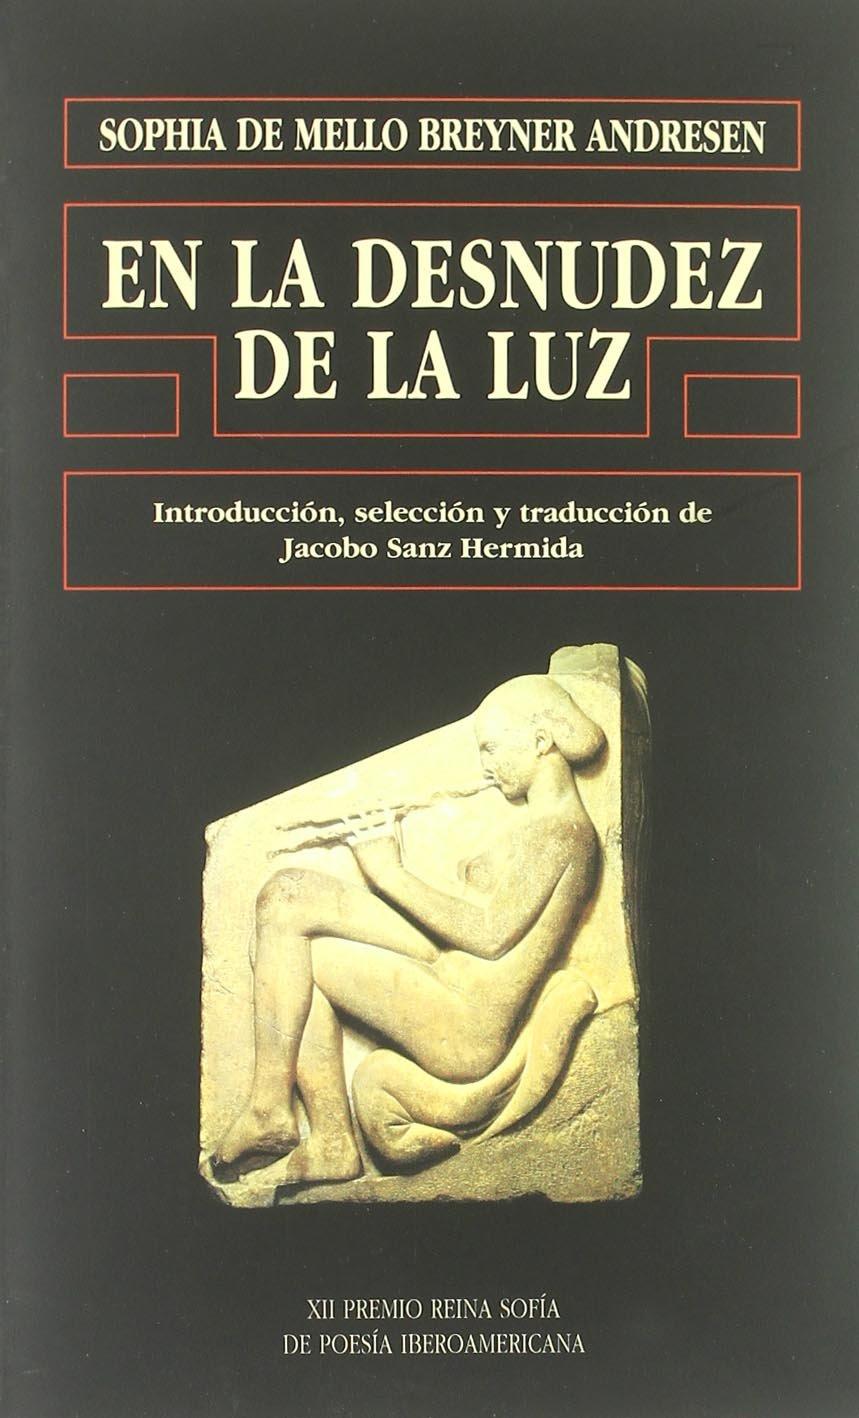 En la desnudez de la luz: Amazon.es: Sofia de Melo Breyner ...